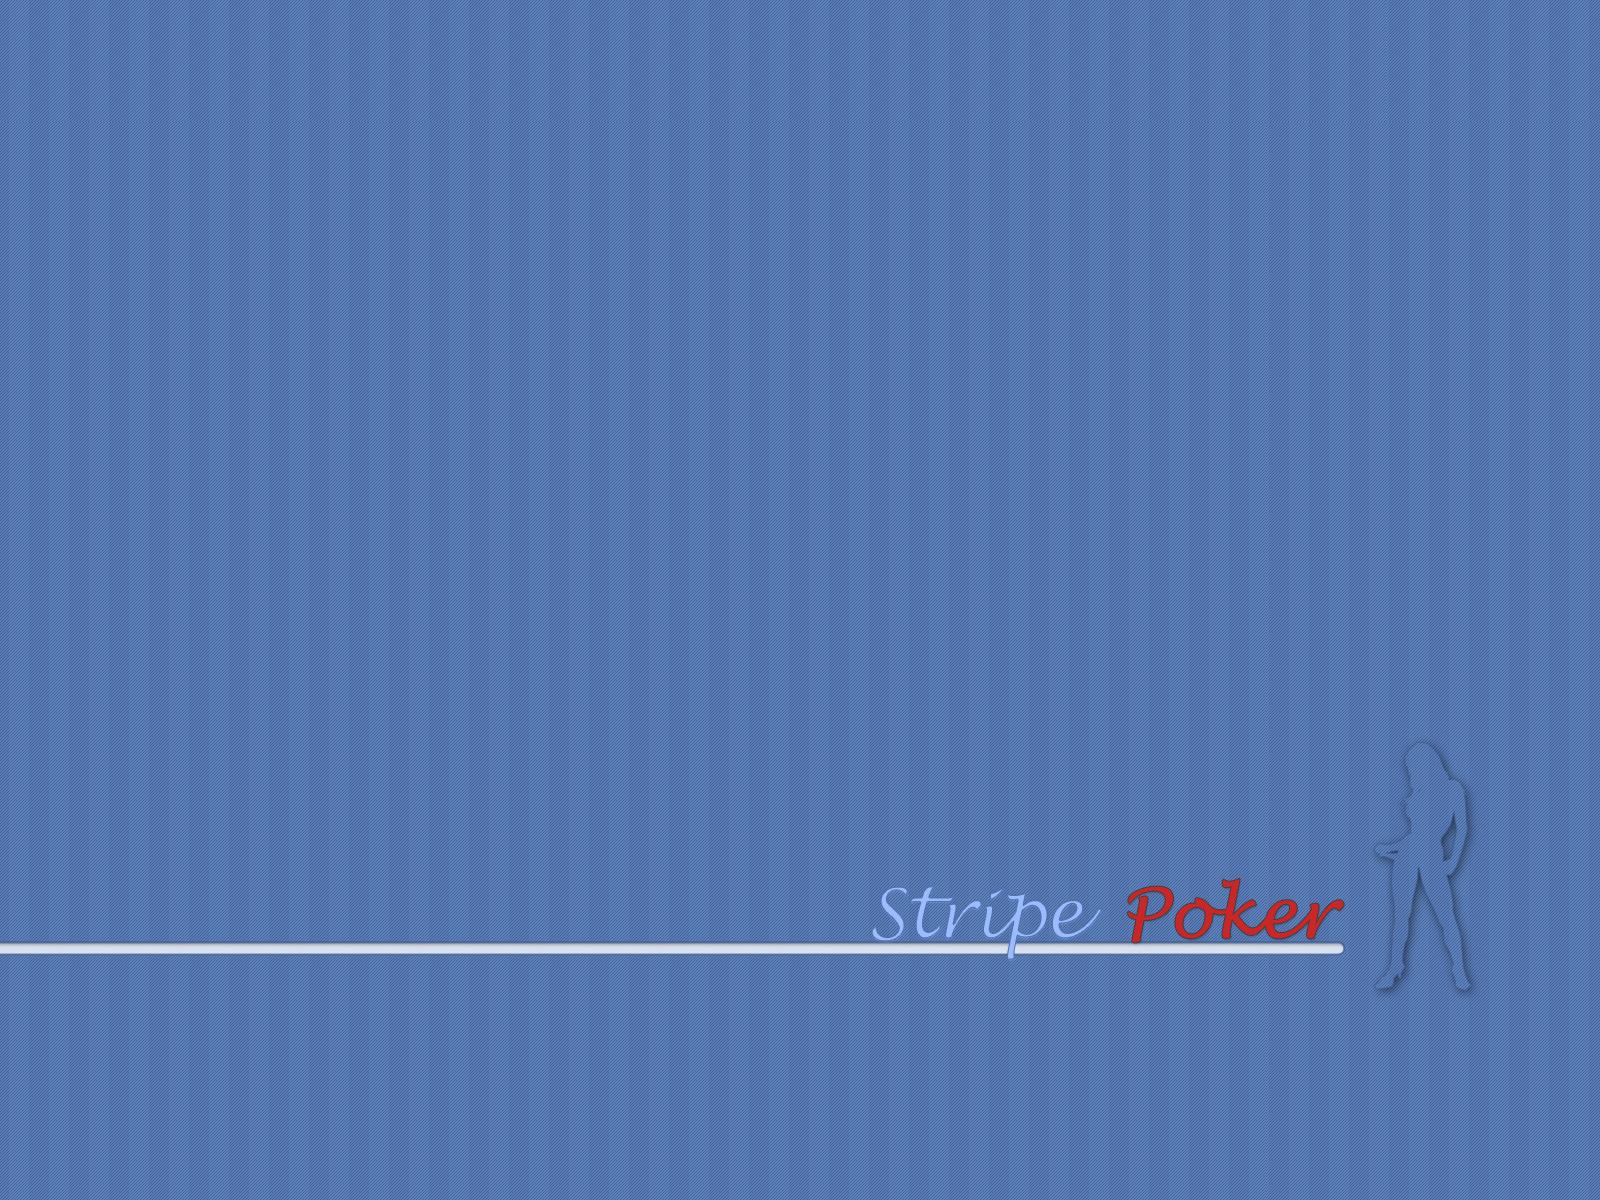 Stripe Poker Wallpapers